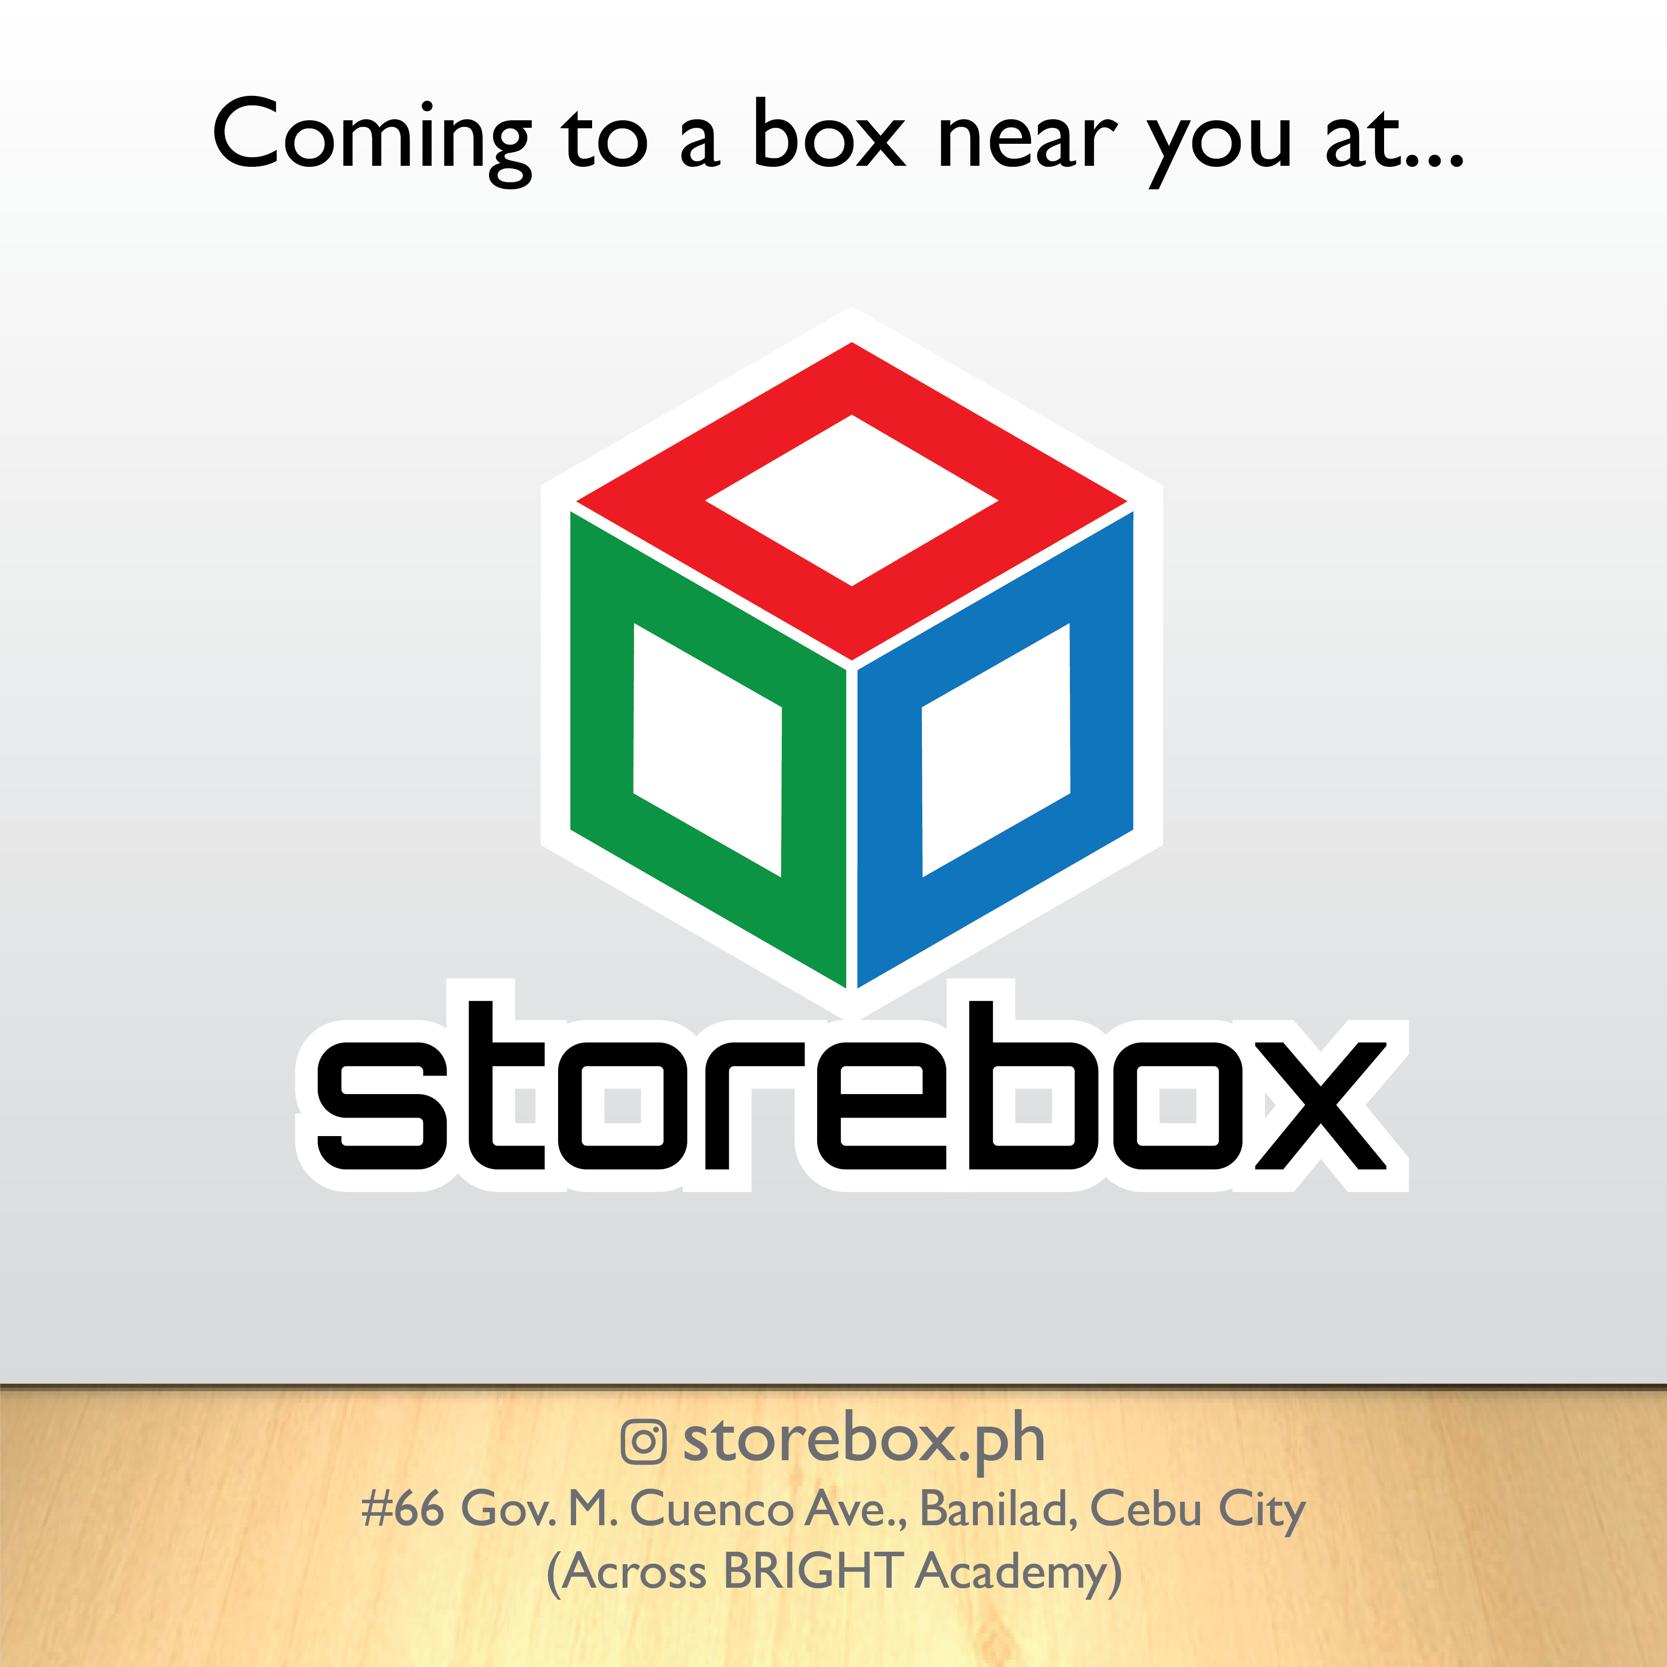 storebox-for-merchants-ig.png